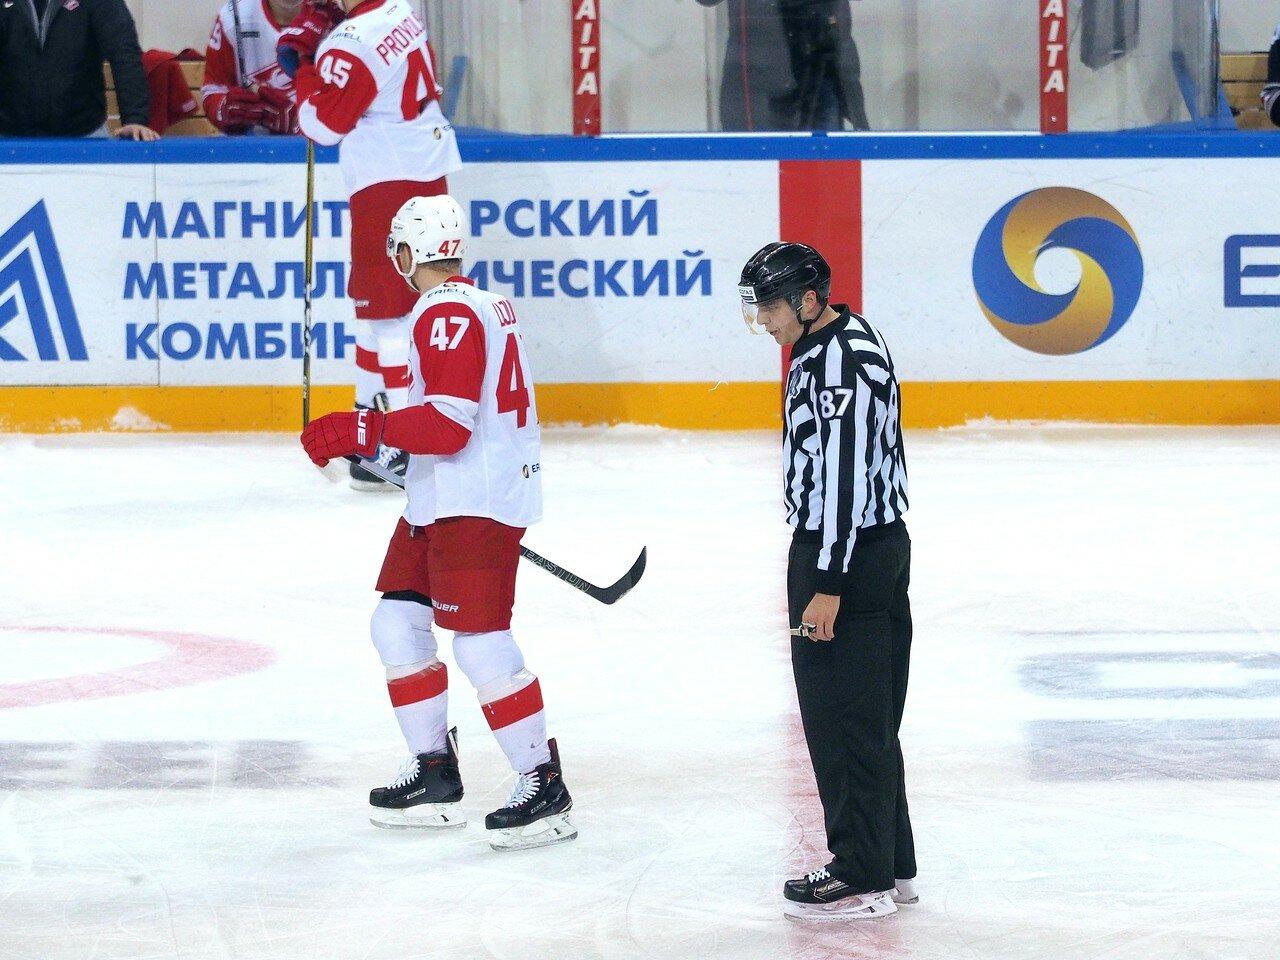 88 Металлург - Спартак 30.11.2017